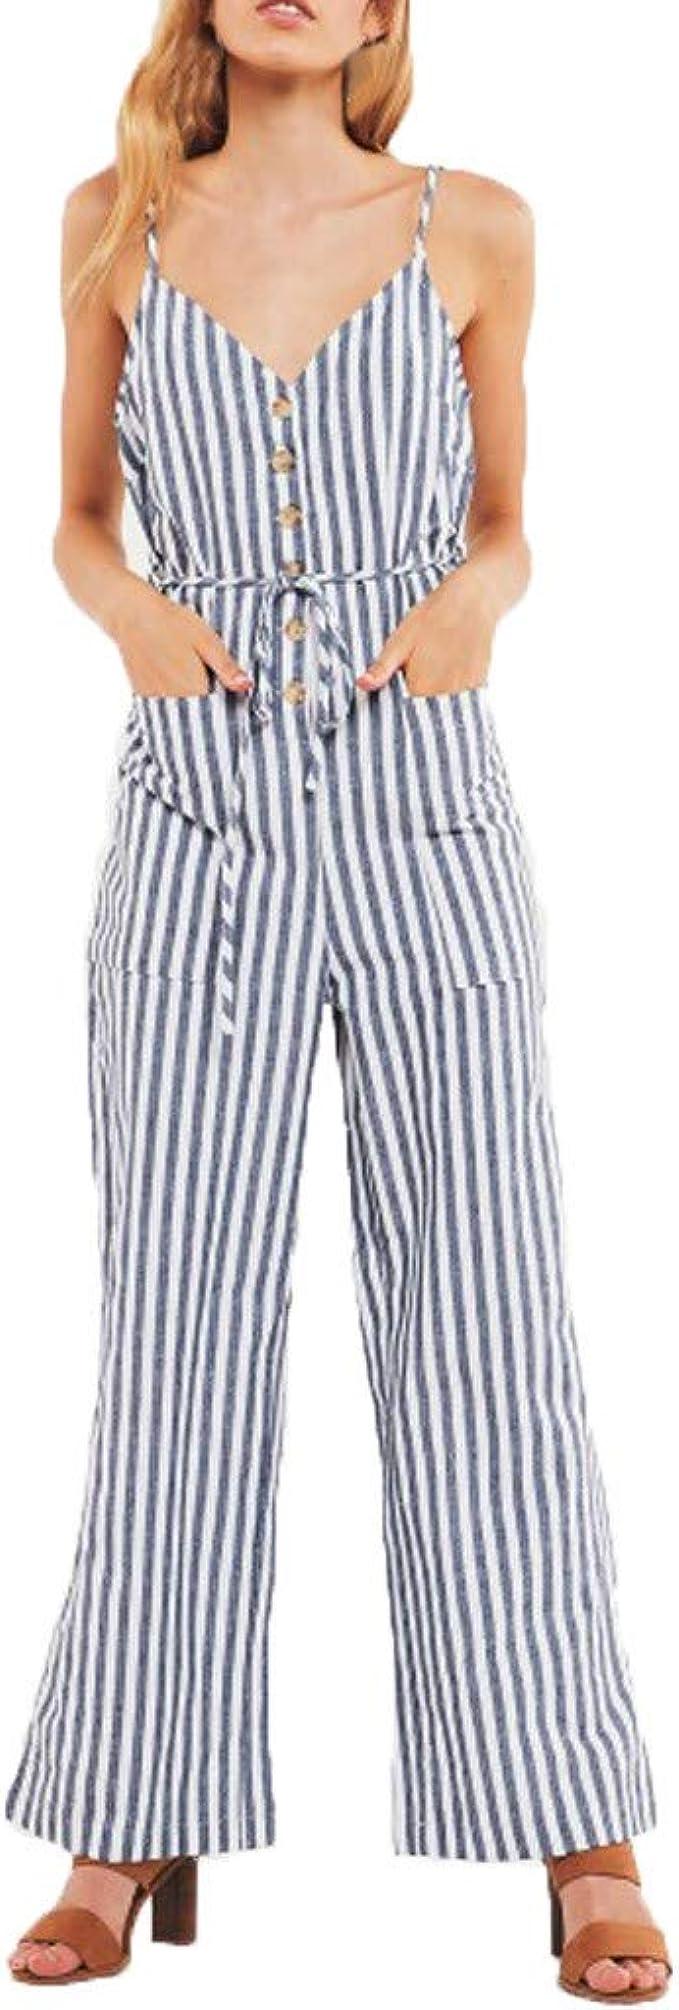 tuta elegante pantaloni lunghi da donna con 2 tasche schiena scoperta